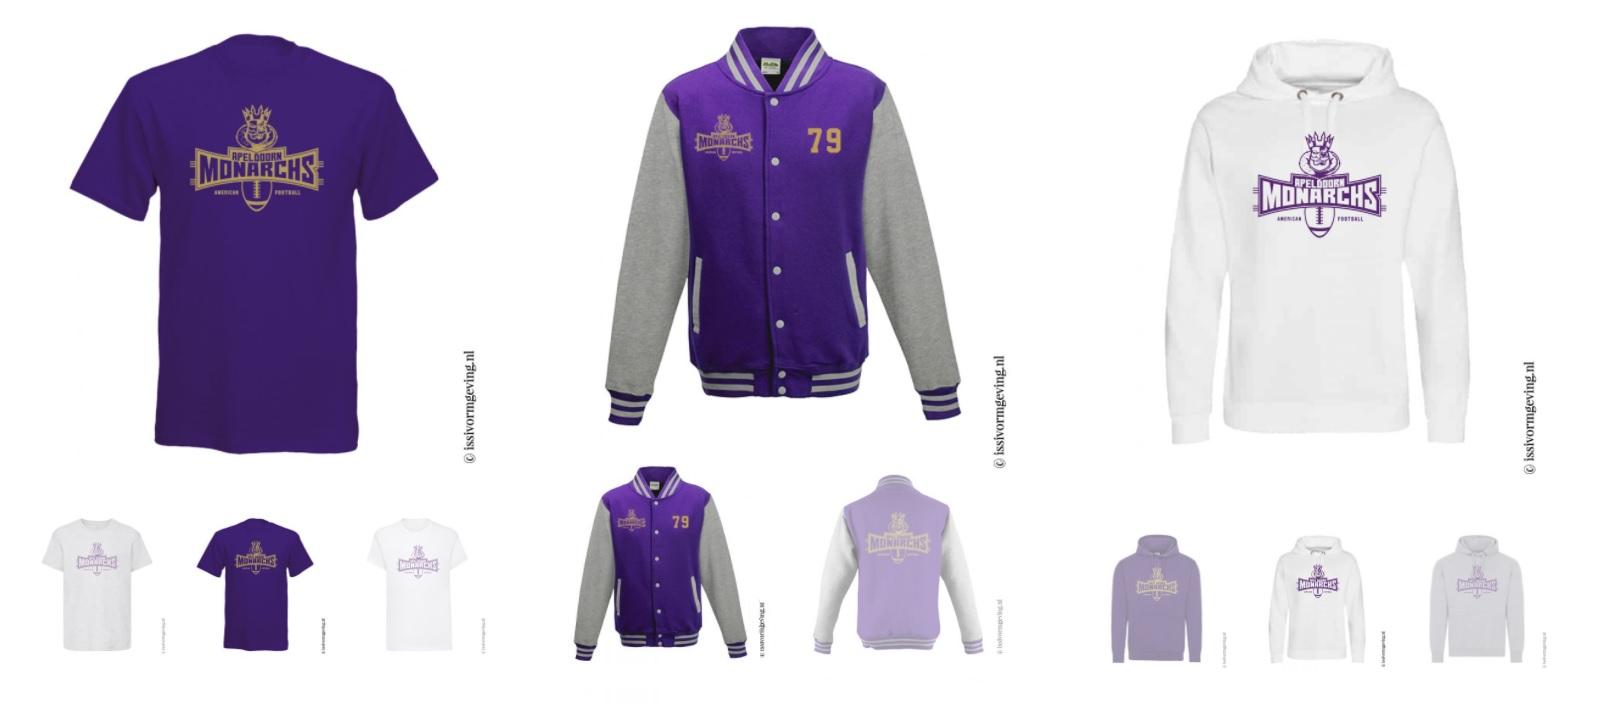 ISSI Vormgeving - Apeldoorn Monarchs Shop Merchandise